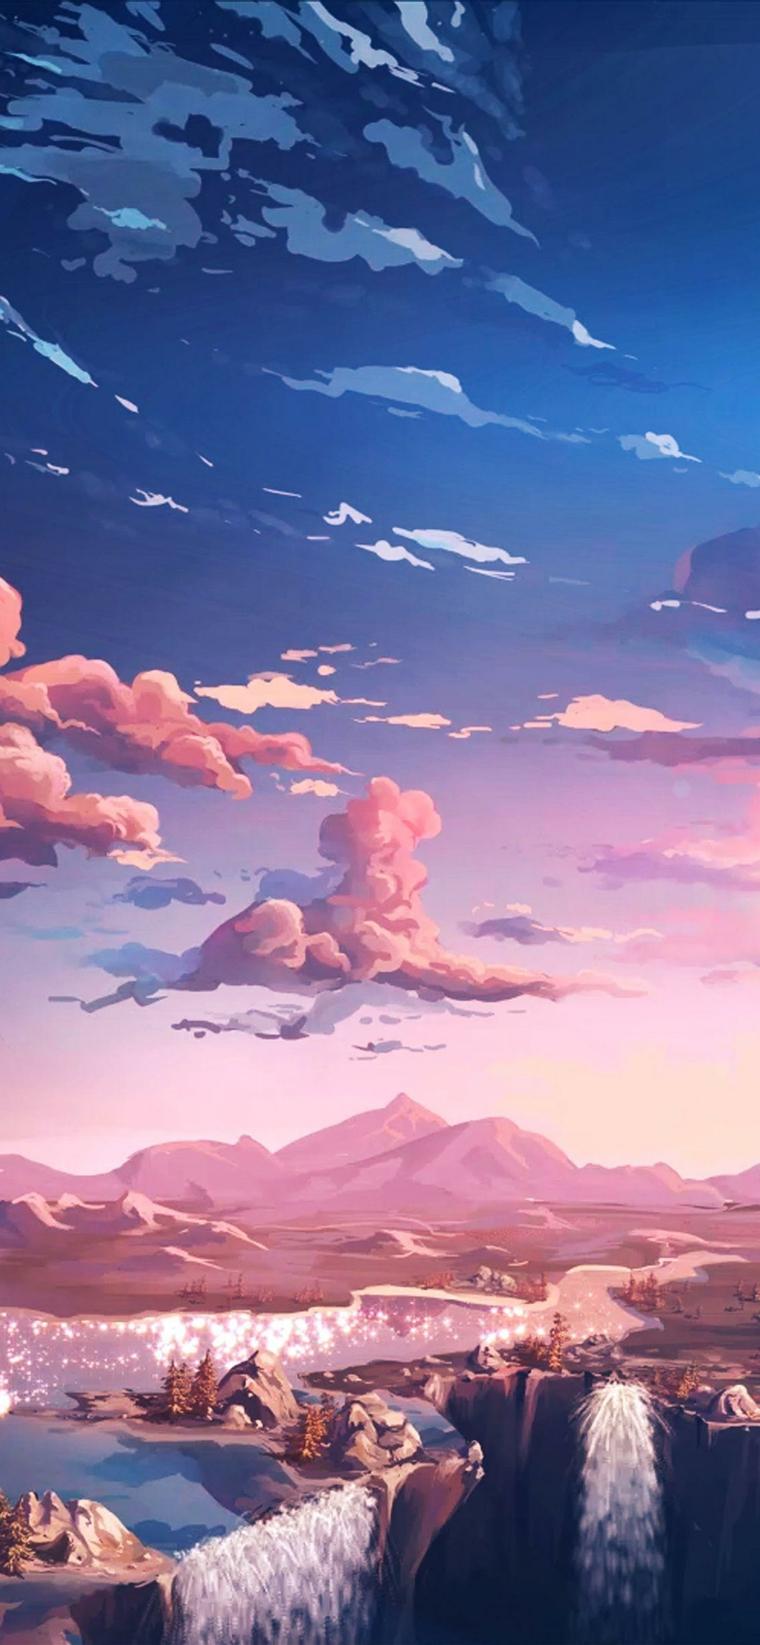 paesaggio cartoni animati giapponesi immagine telefono anime cascate cielo